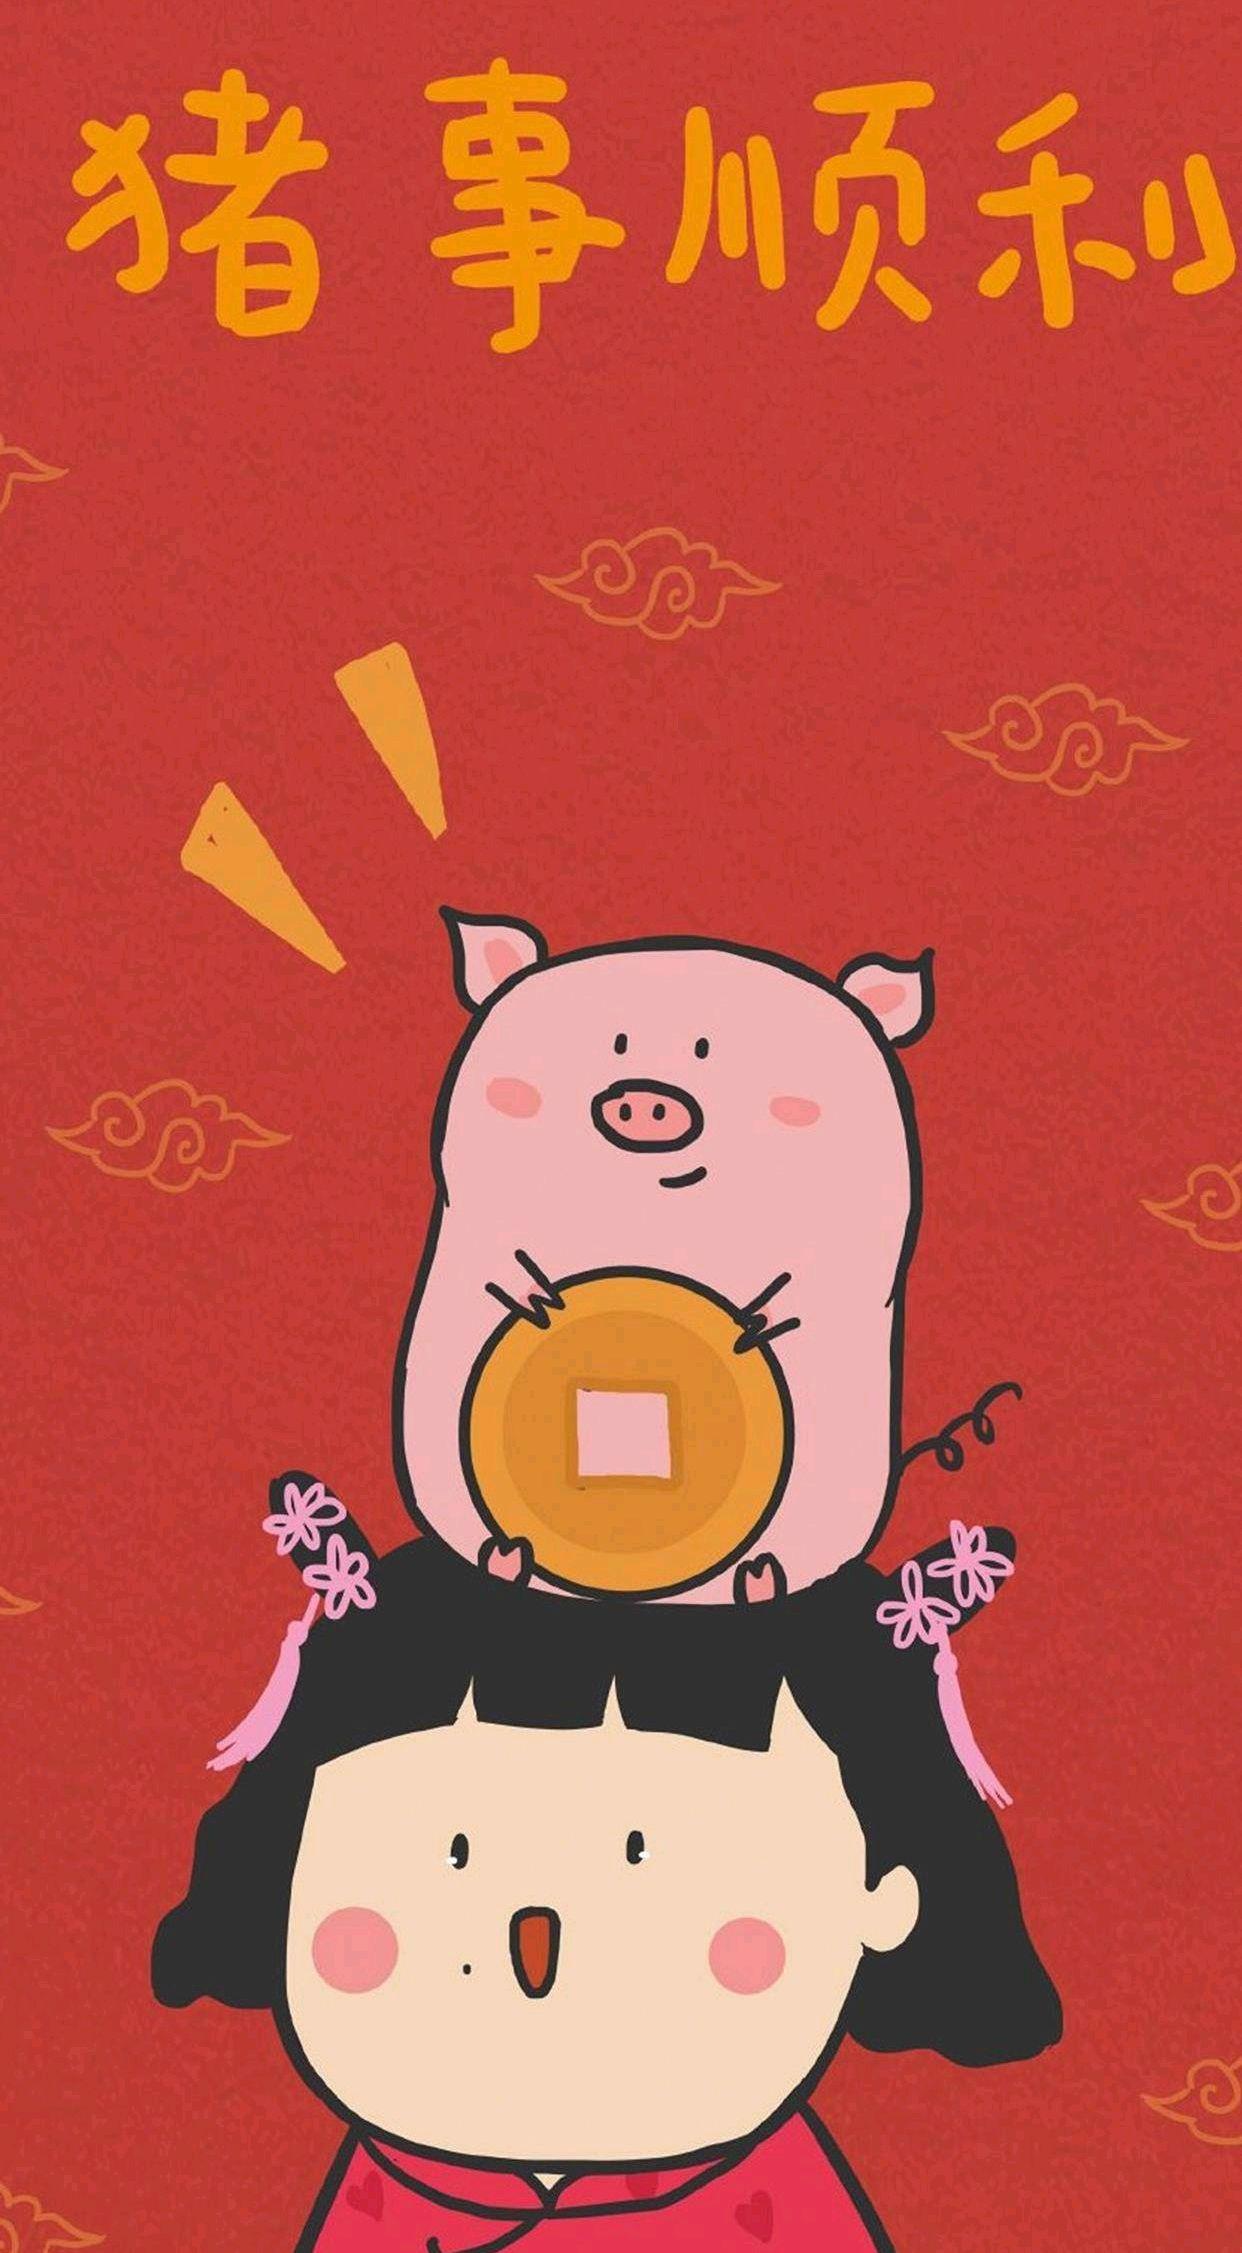 一大波猪年壁纸赶来!祝你猪年猪事顺利,好运不断图片